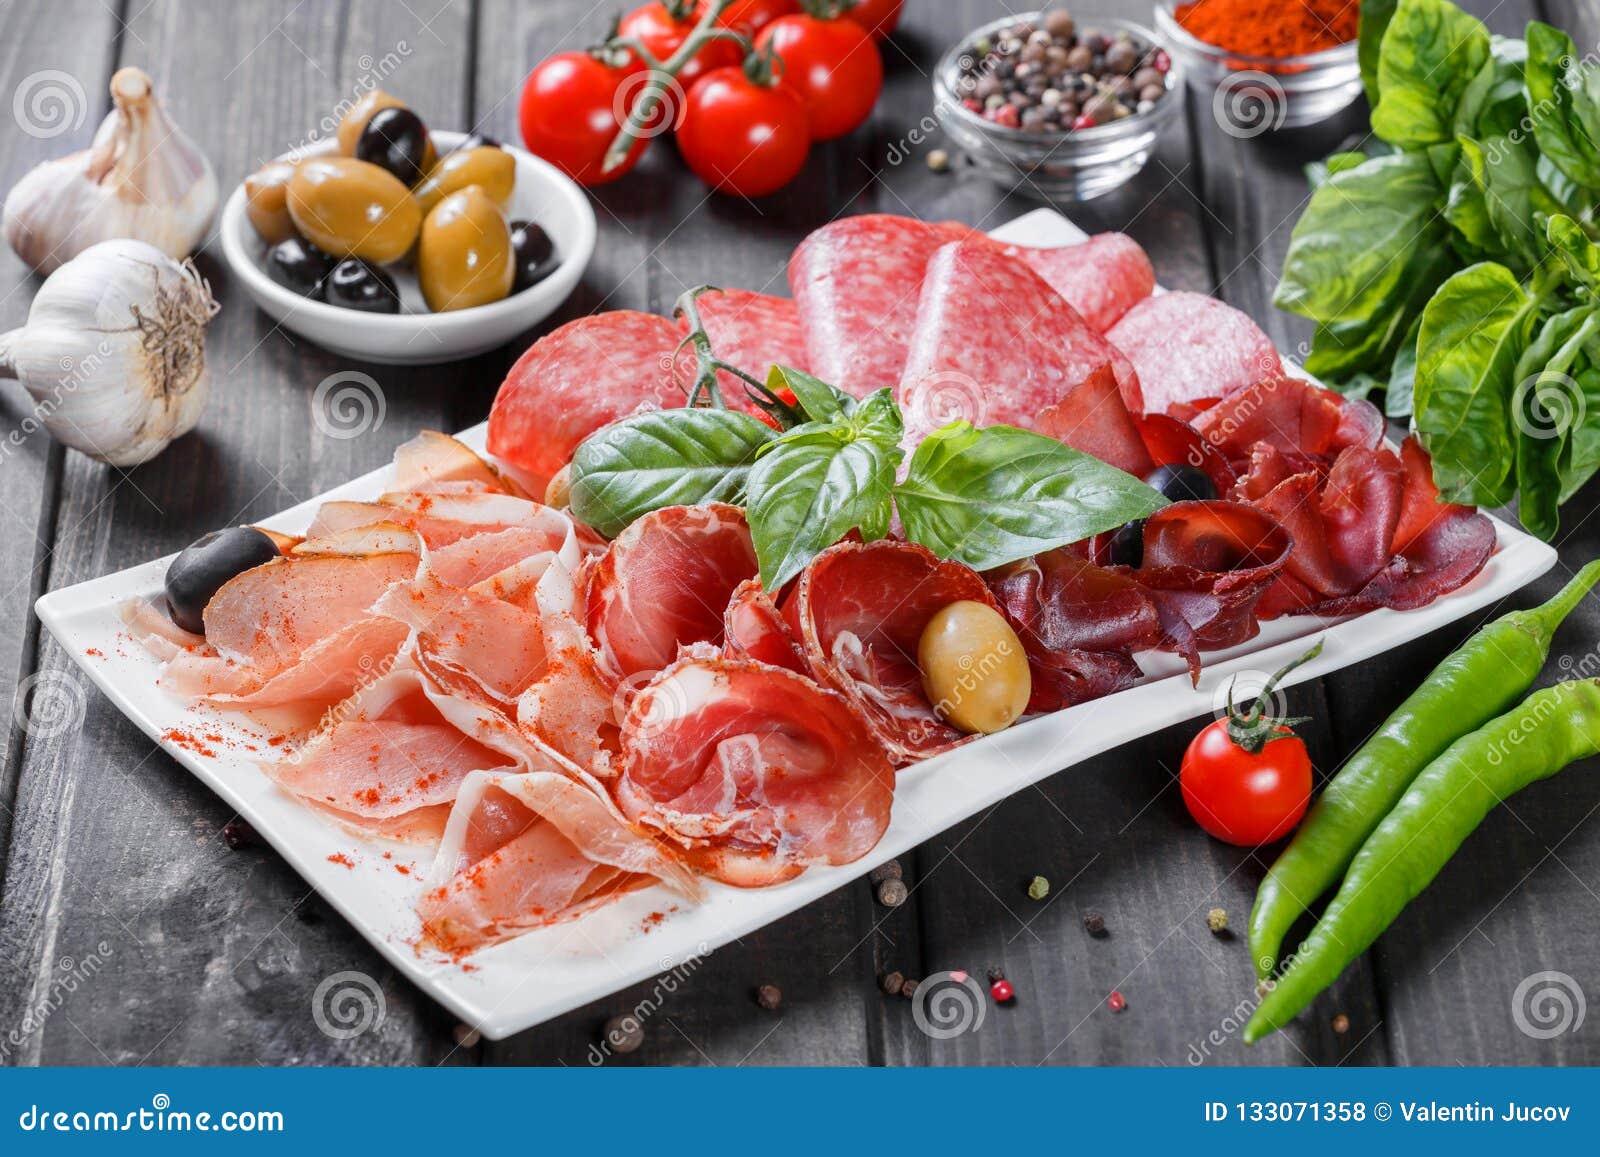 开胃小菜盛肉盘有熏火腿的,切片火腿,蒜味咸腊肠冷盘板材,装饰用蓬蒿和橄榄